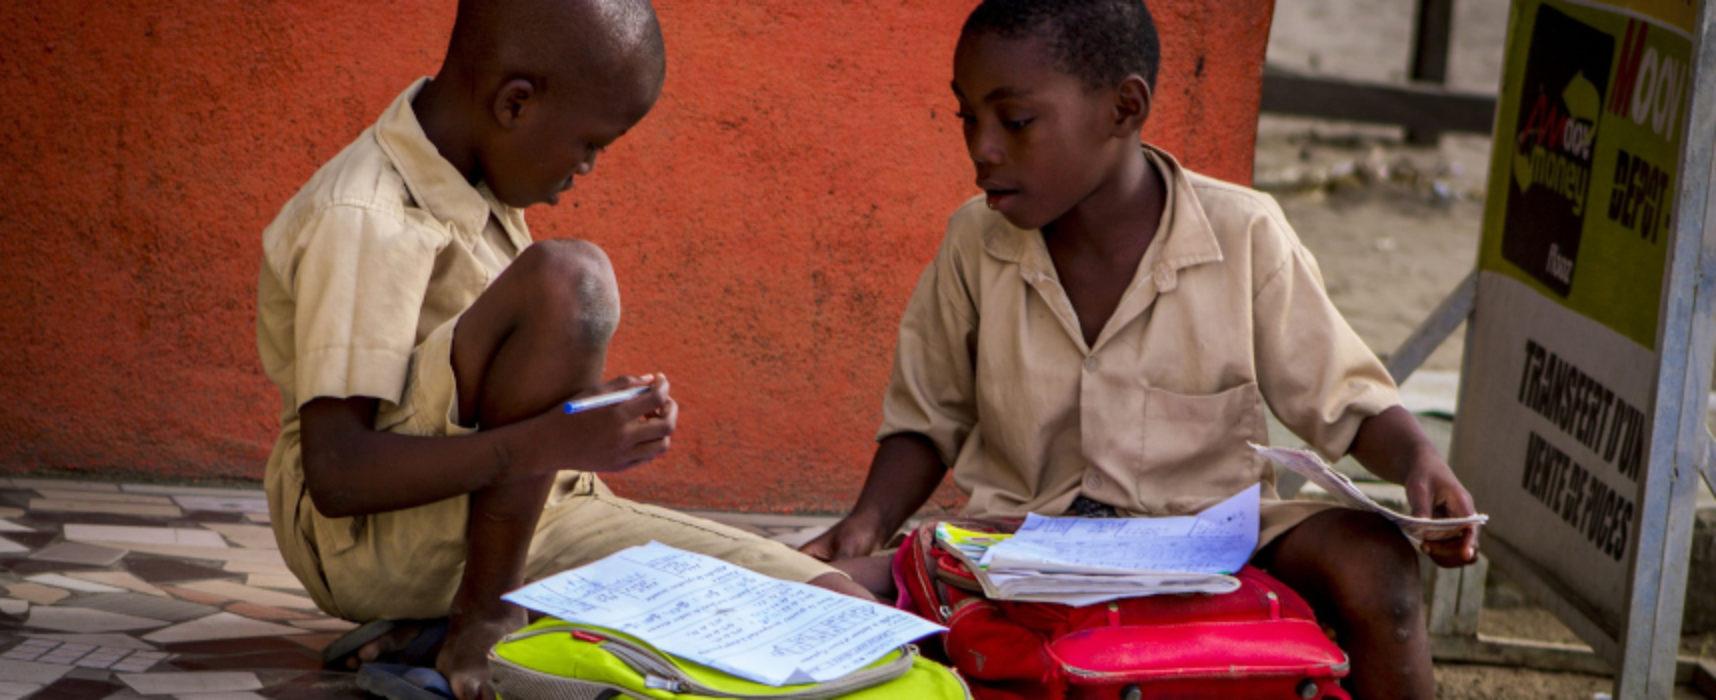 """Giornata mondiale dei diritti dei bambini, l'omaggio dell'associazione """"L'Ora Blu"""""""